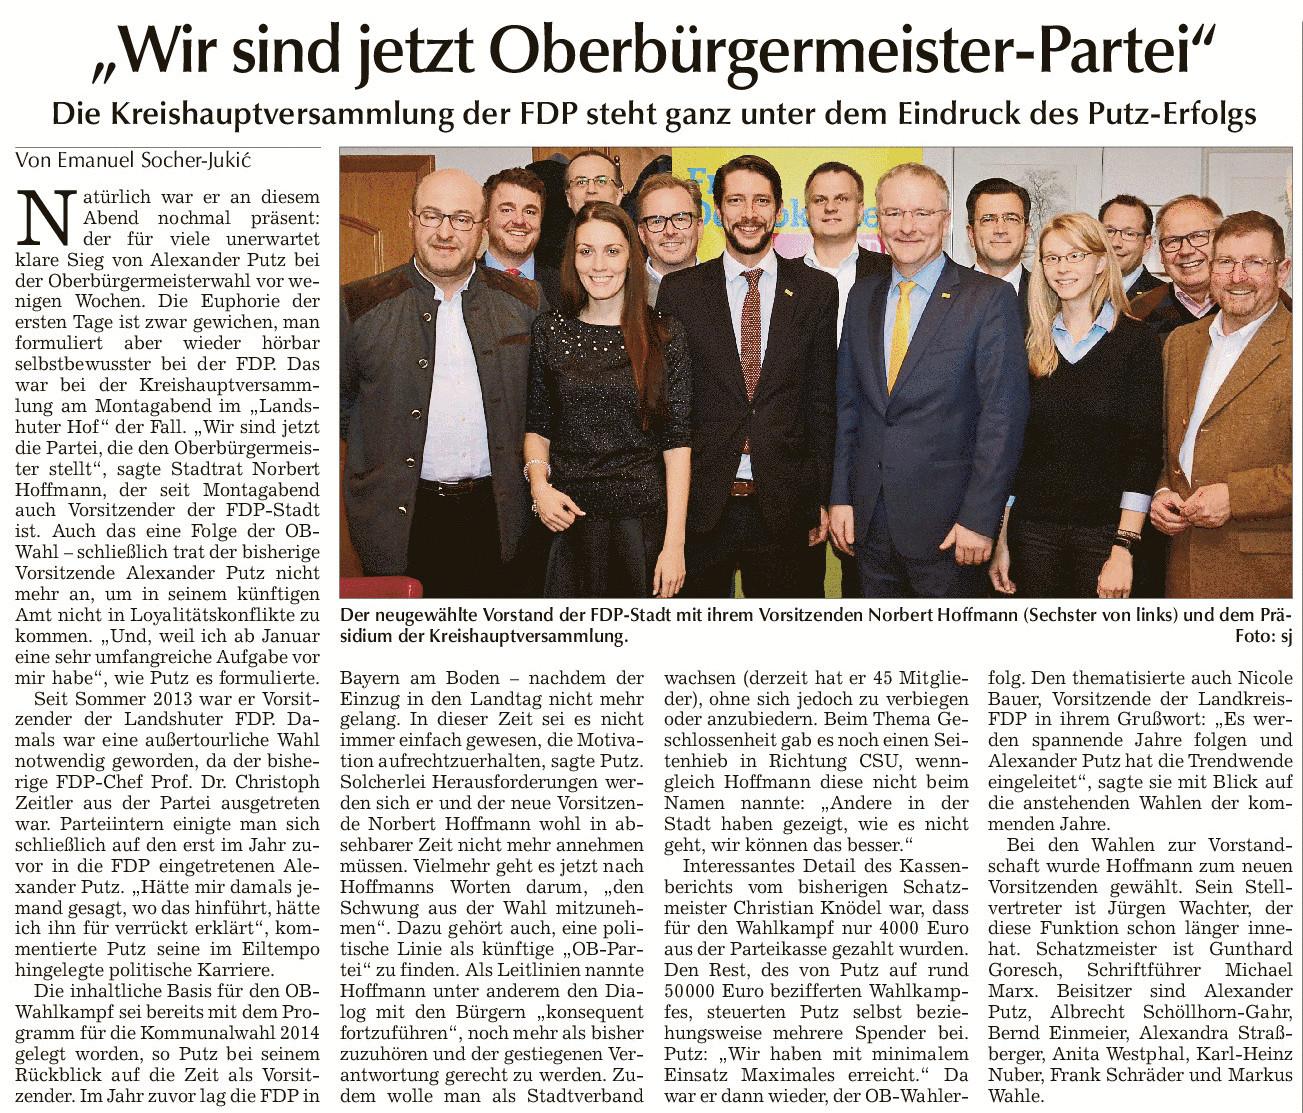 2016_11_30-landshuter-zeitung-vorstandswahlen